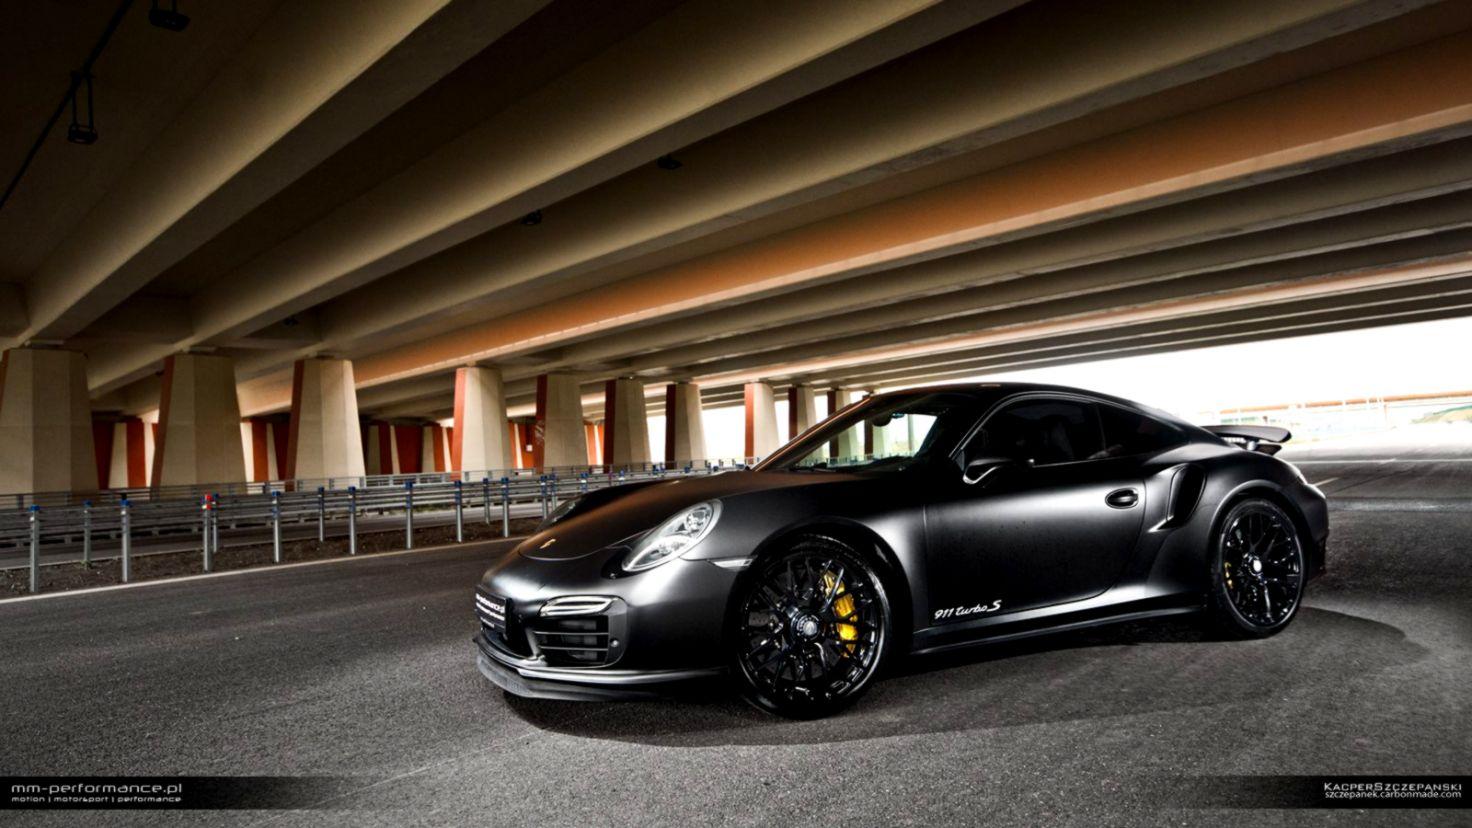 Porsche 991 Carrera Car Wheels Tuning Hd Wallpaper